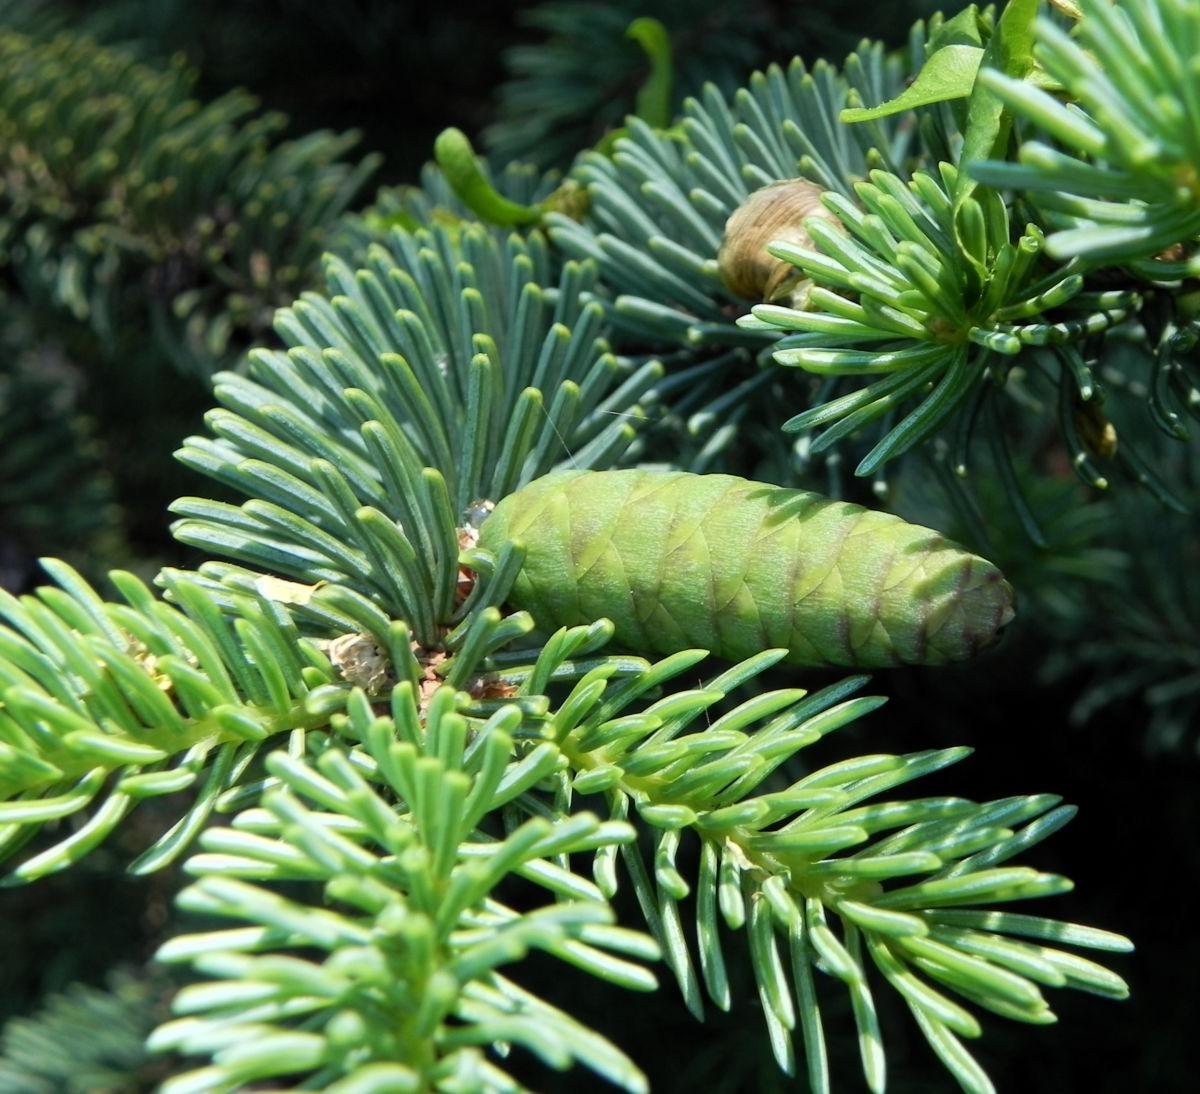 Borsten Fichte Zapfen gruen Picea asperata